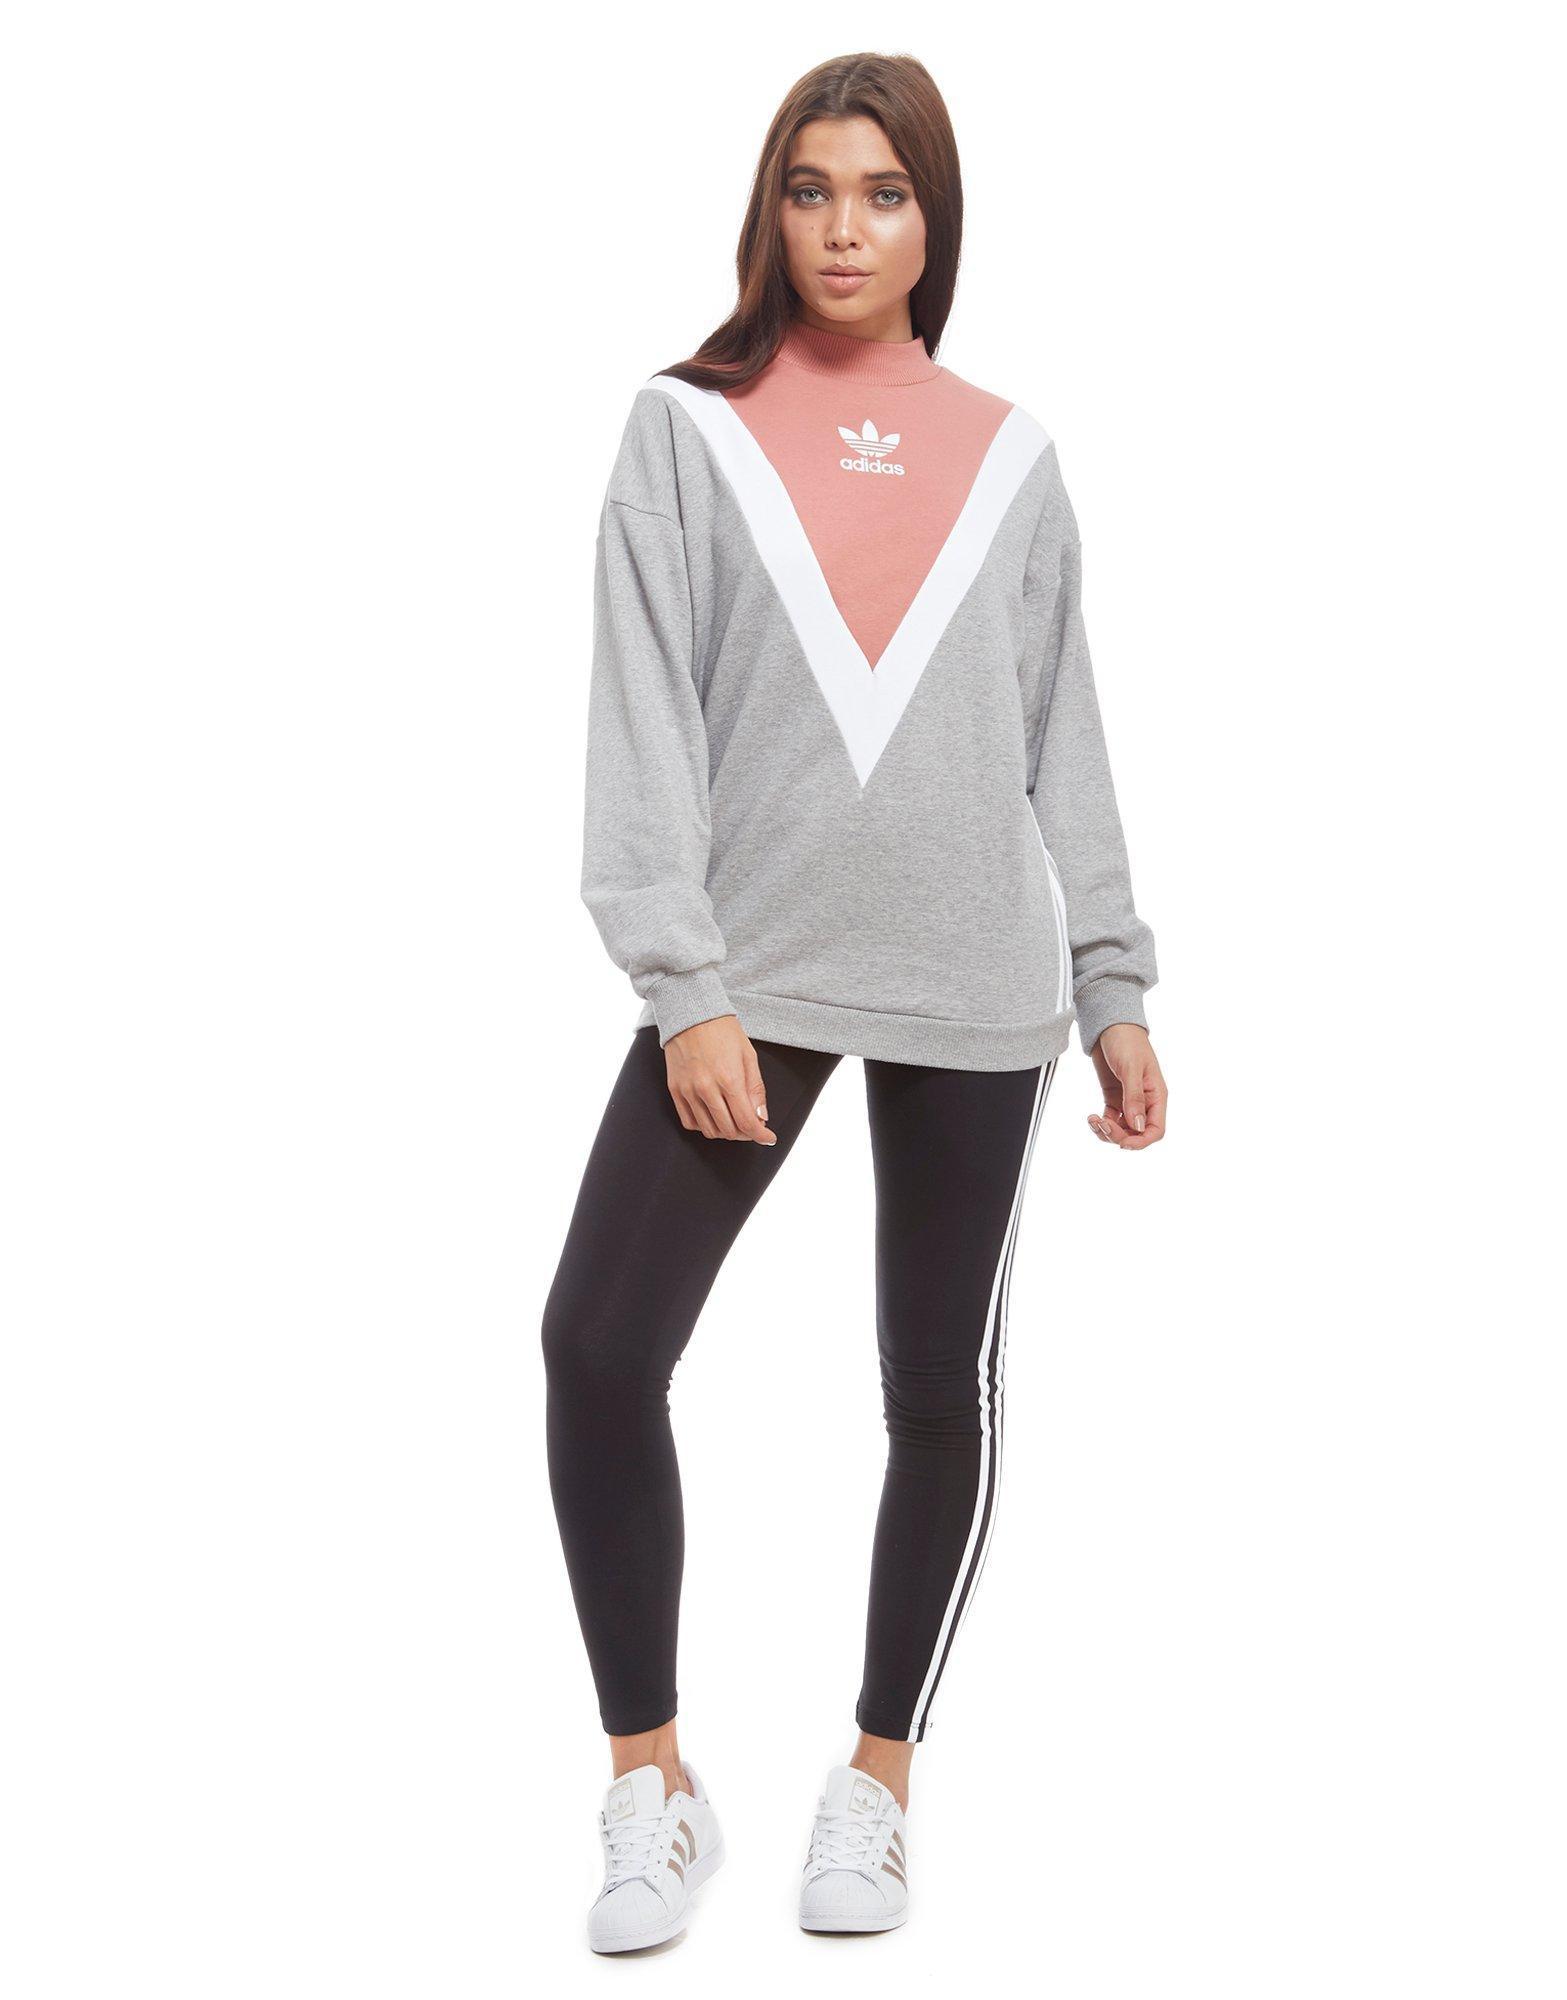 parque Natural peine diluido  adidas Originals Chevron Sweatshirt in Grey/White/Pink (Gray) - Lyst